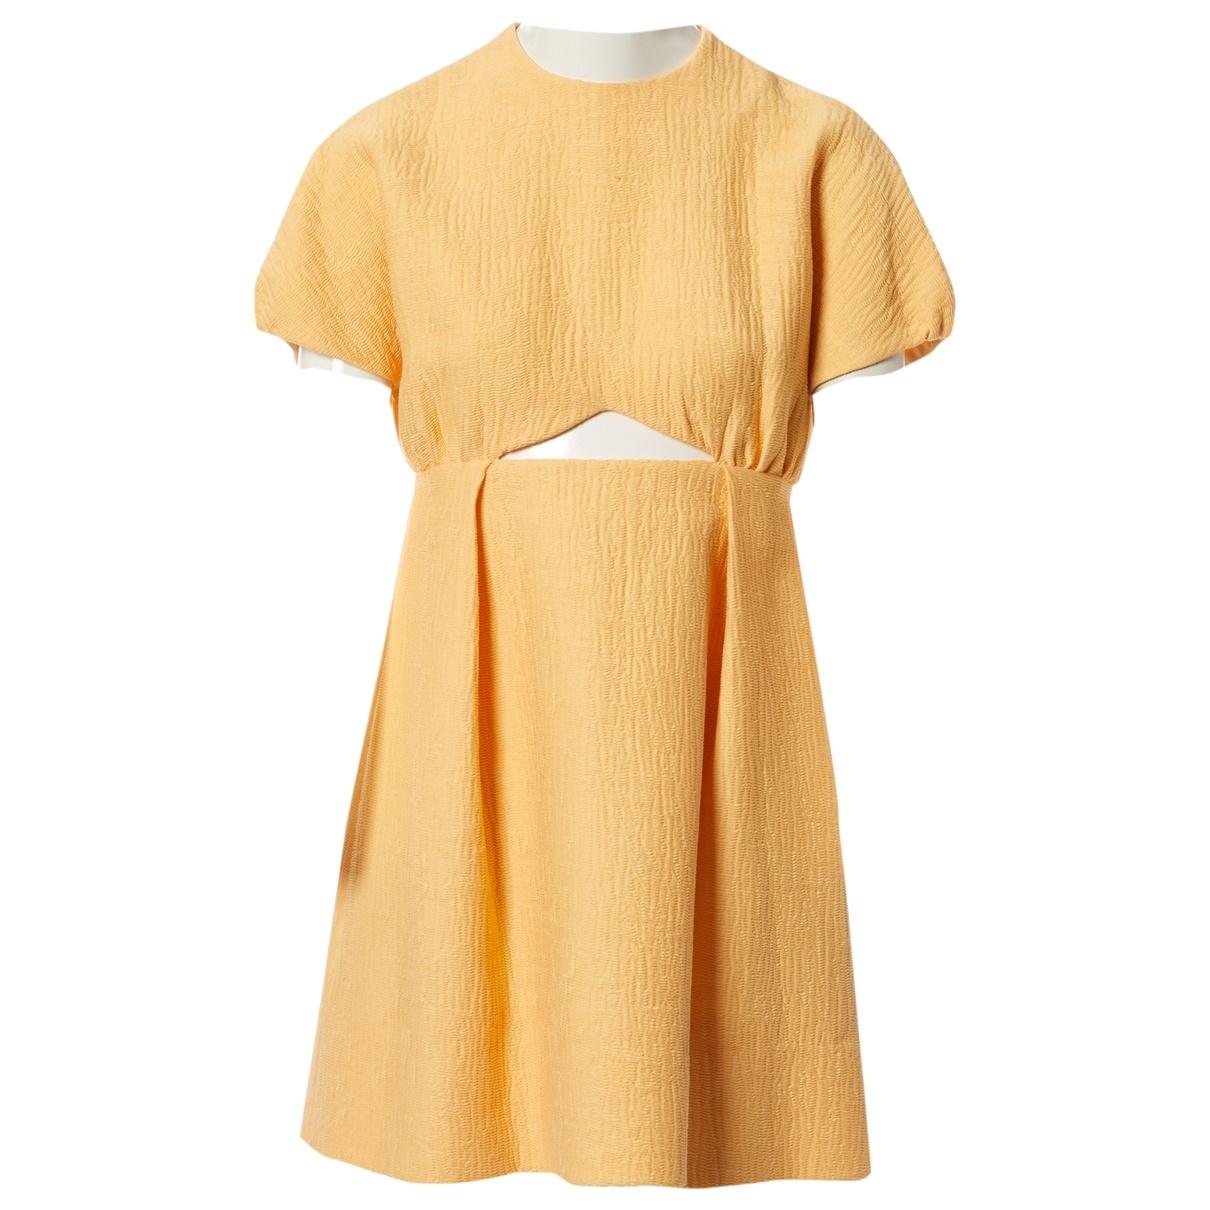 Emilia Wickstead \N Yellow dress for Women 8 UK